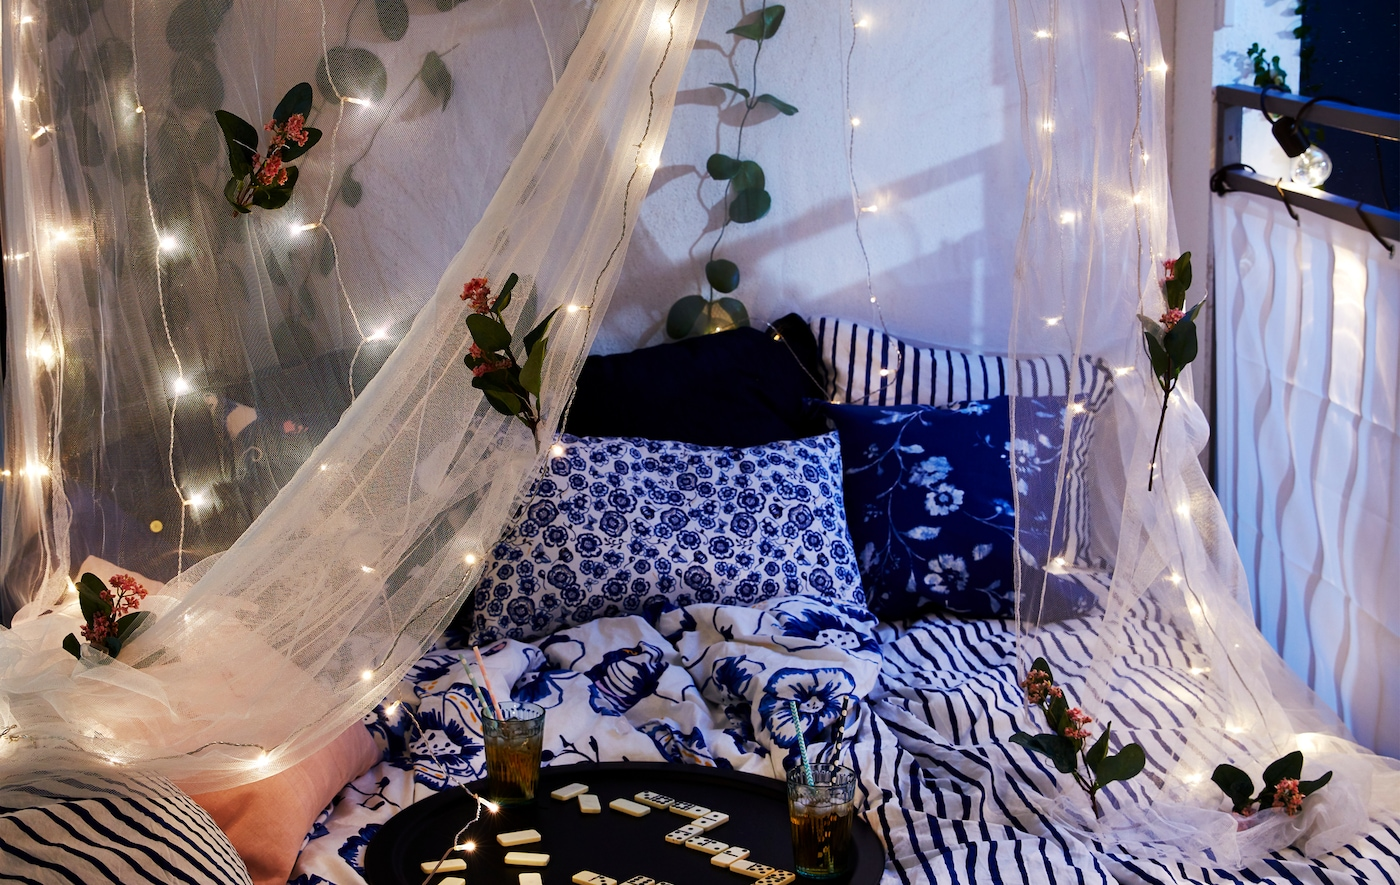 سرير عريض على شرفة مغلقة، وشكبة مانعة للبعوض مزيّنة بزهور وسلاسل إضاءة LED؛ مع مشروبات ولعبة على صينية.